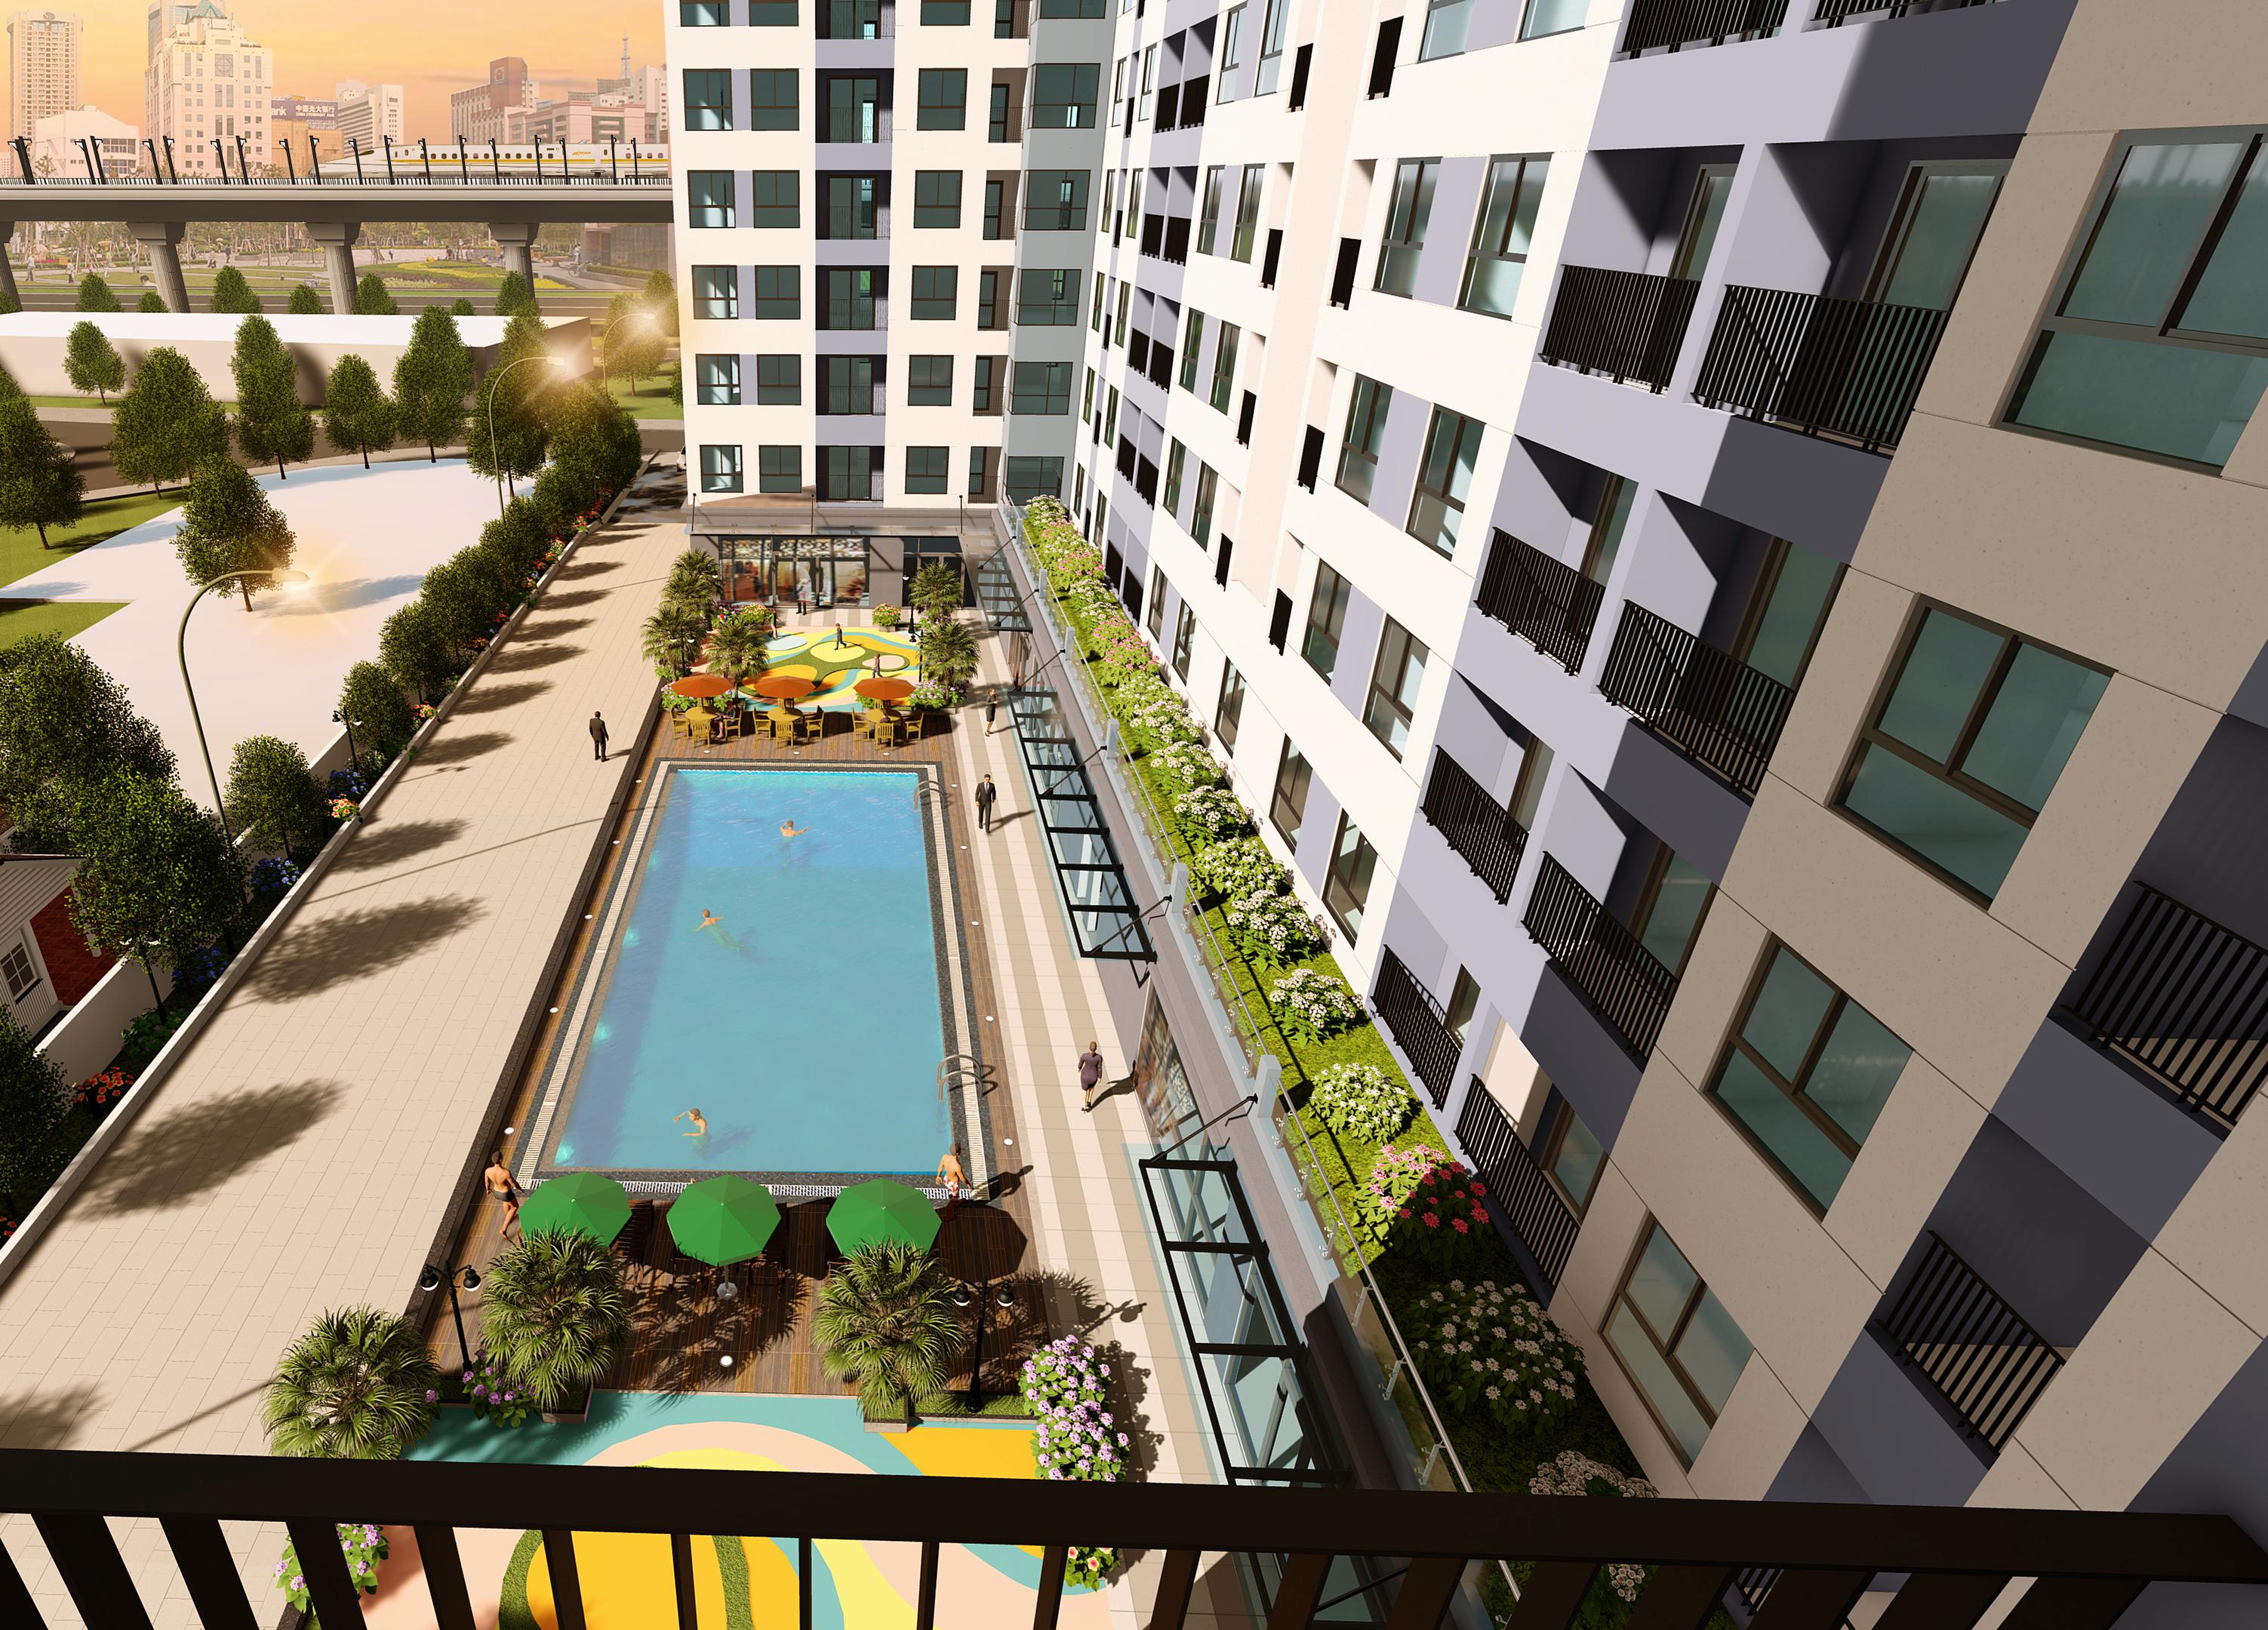 Phối cảnh khu hồ bơi nhìn từ mặt hông của tòa căn hộ Bcons Miền Đông